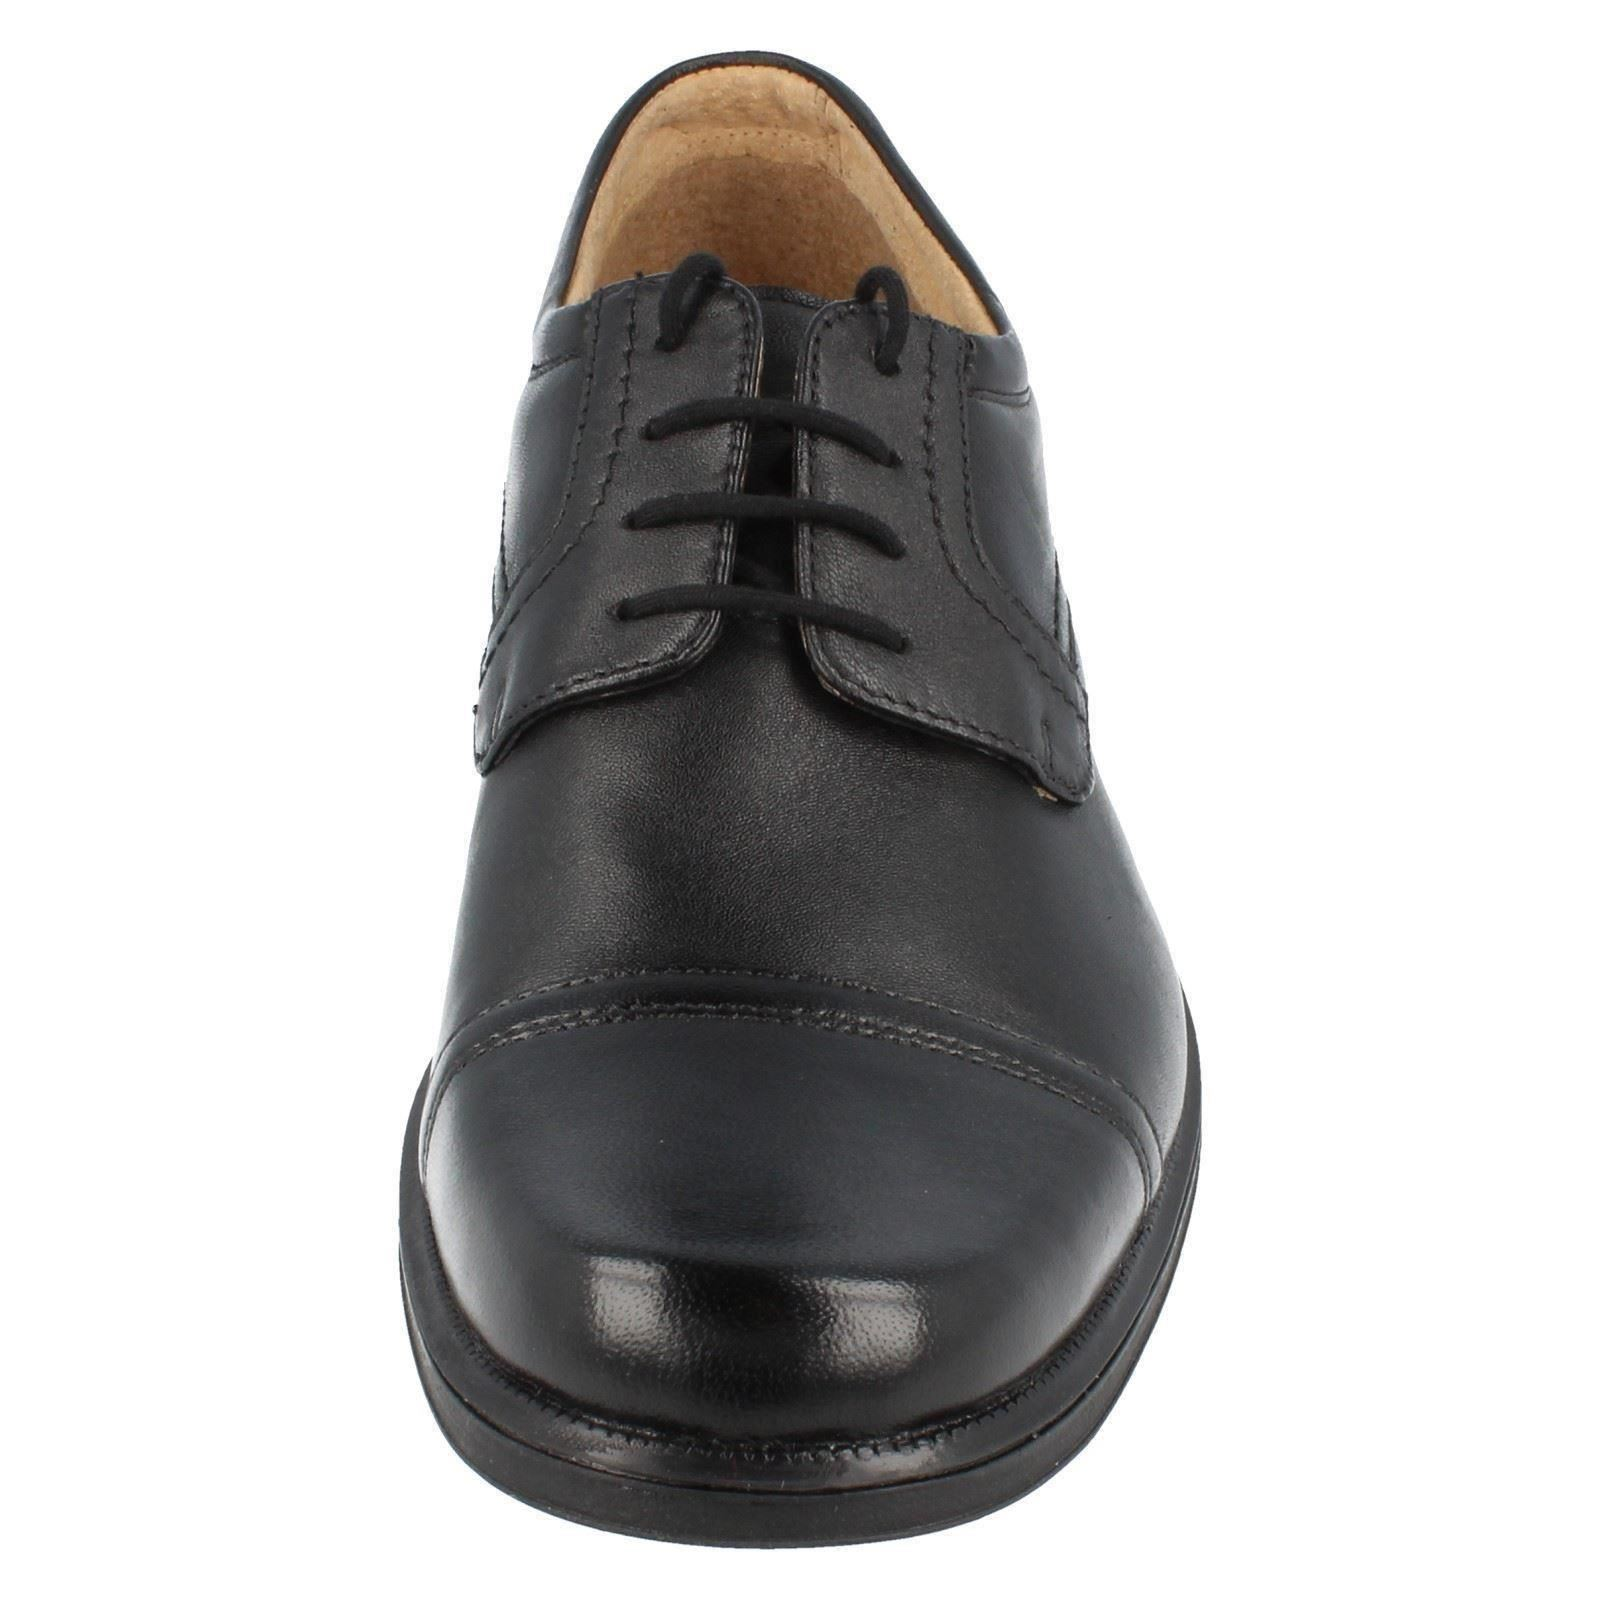 Mens Clarks Lace Up Shoe Label Hoist Cap ~ N